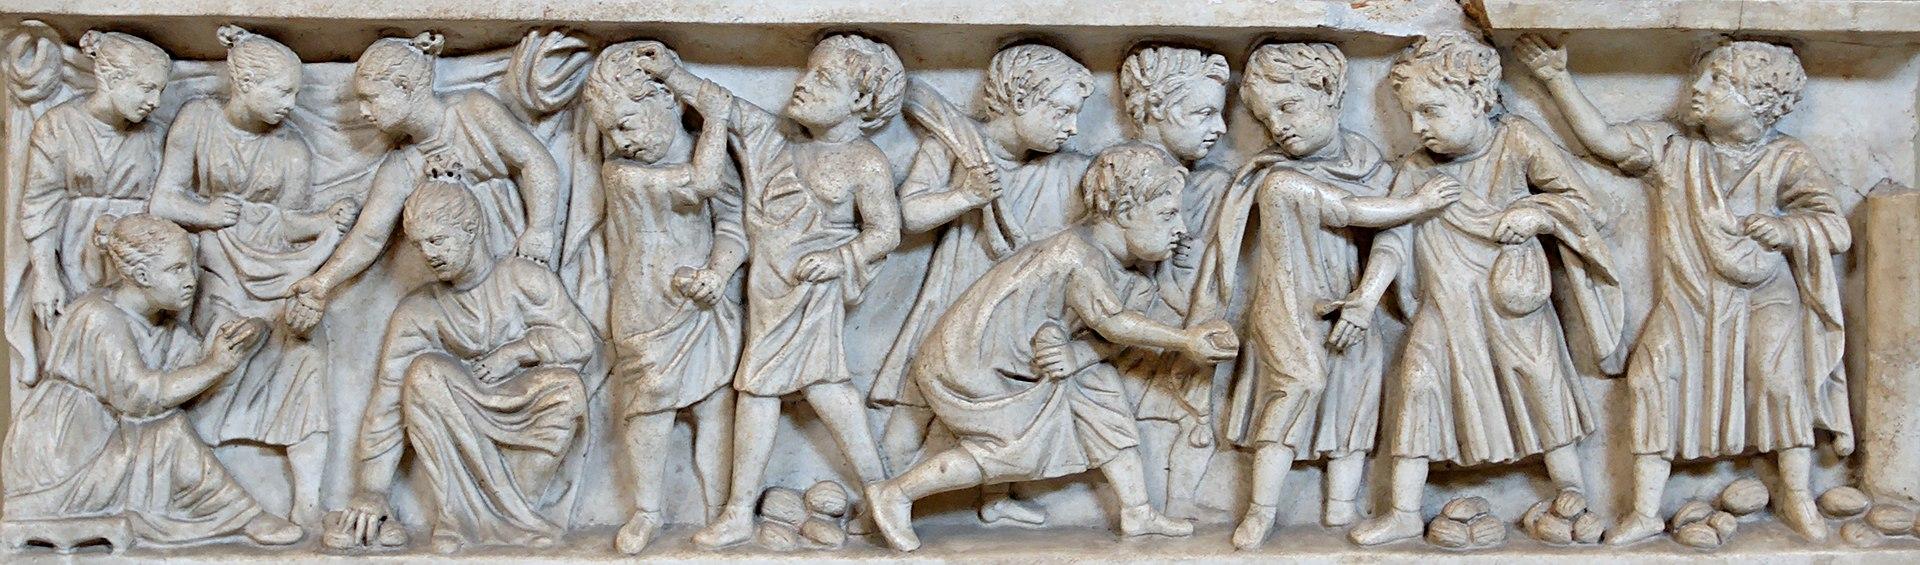 Niños jugando con nueces, panel de un sarcófago, obra romana del siglo III.